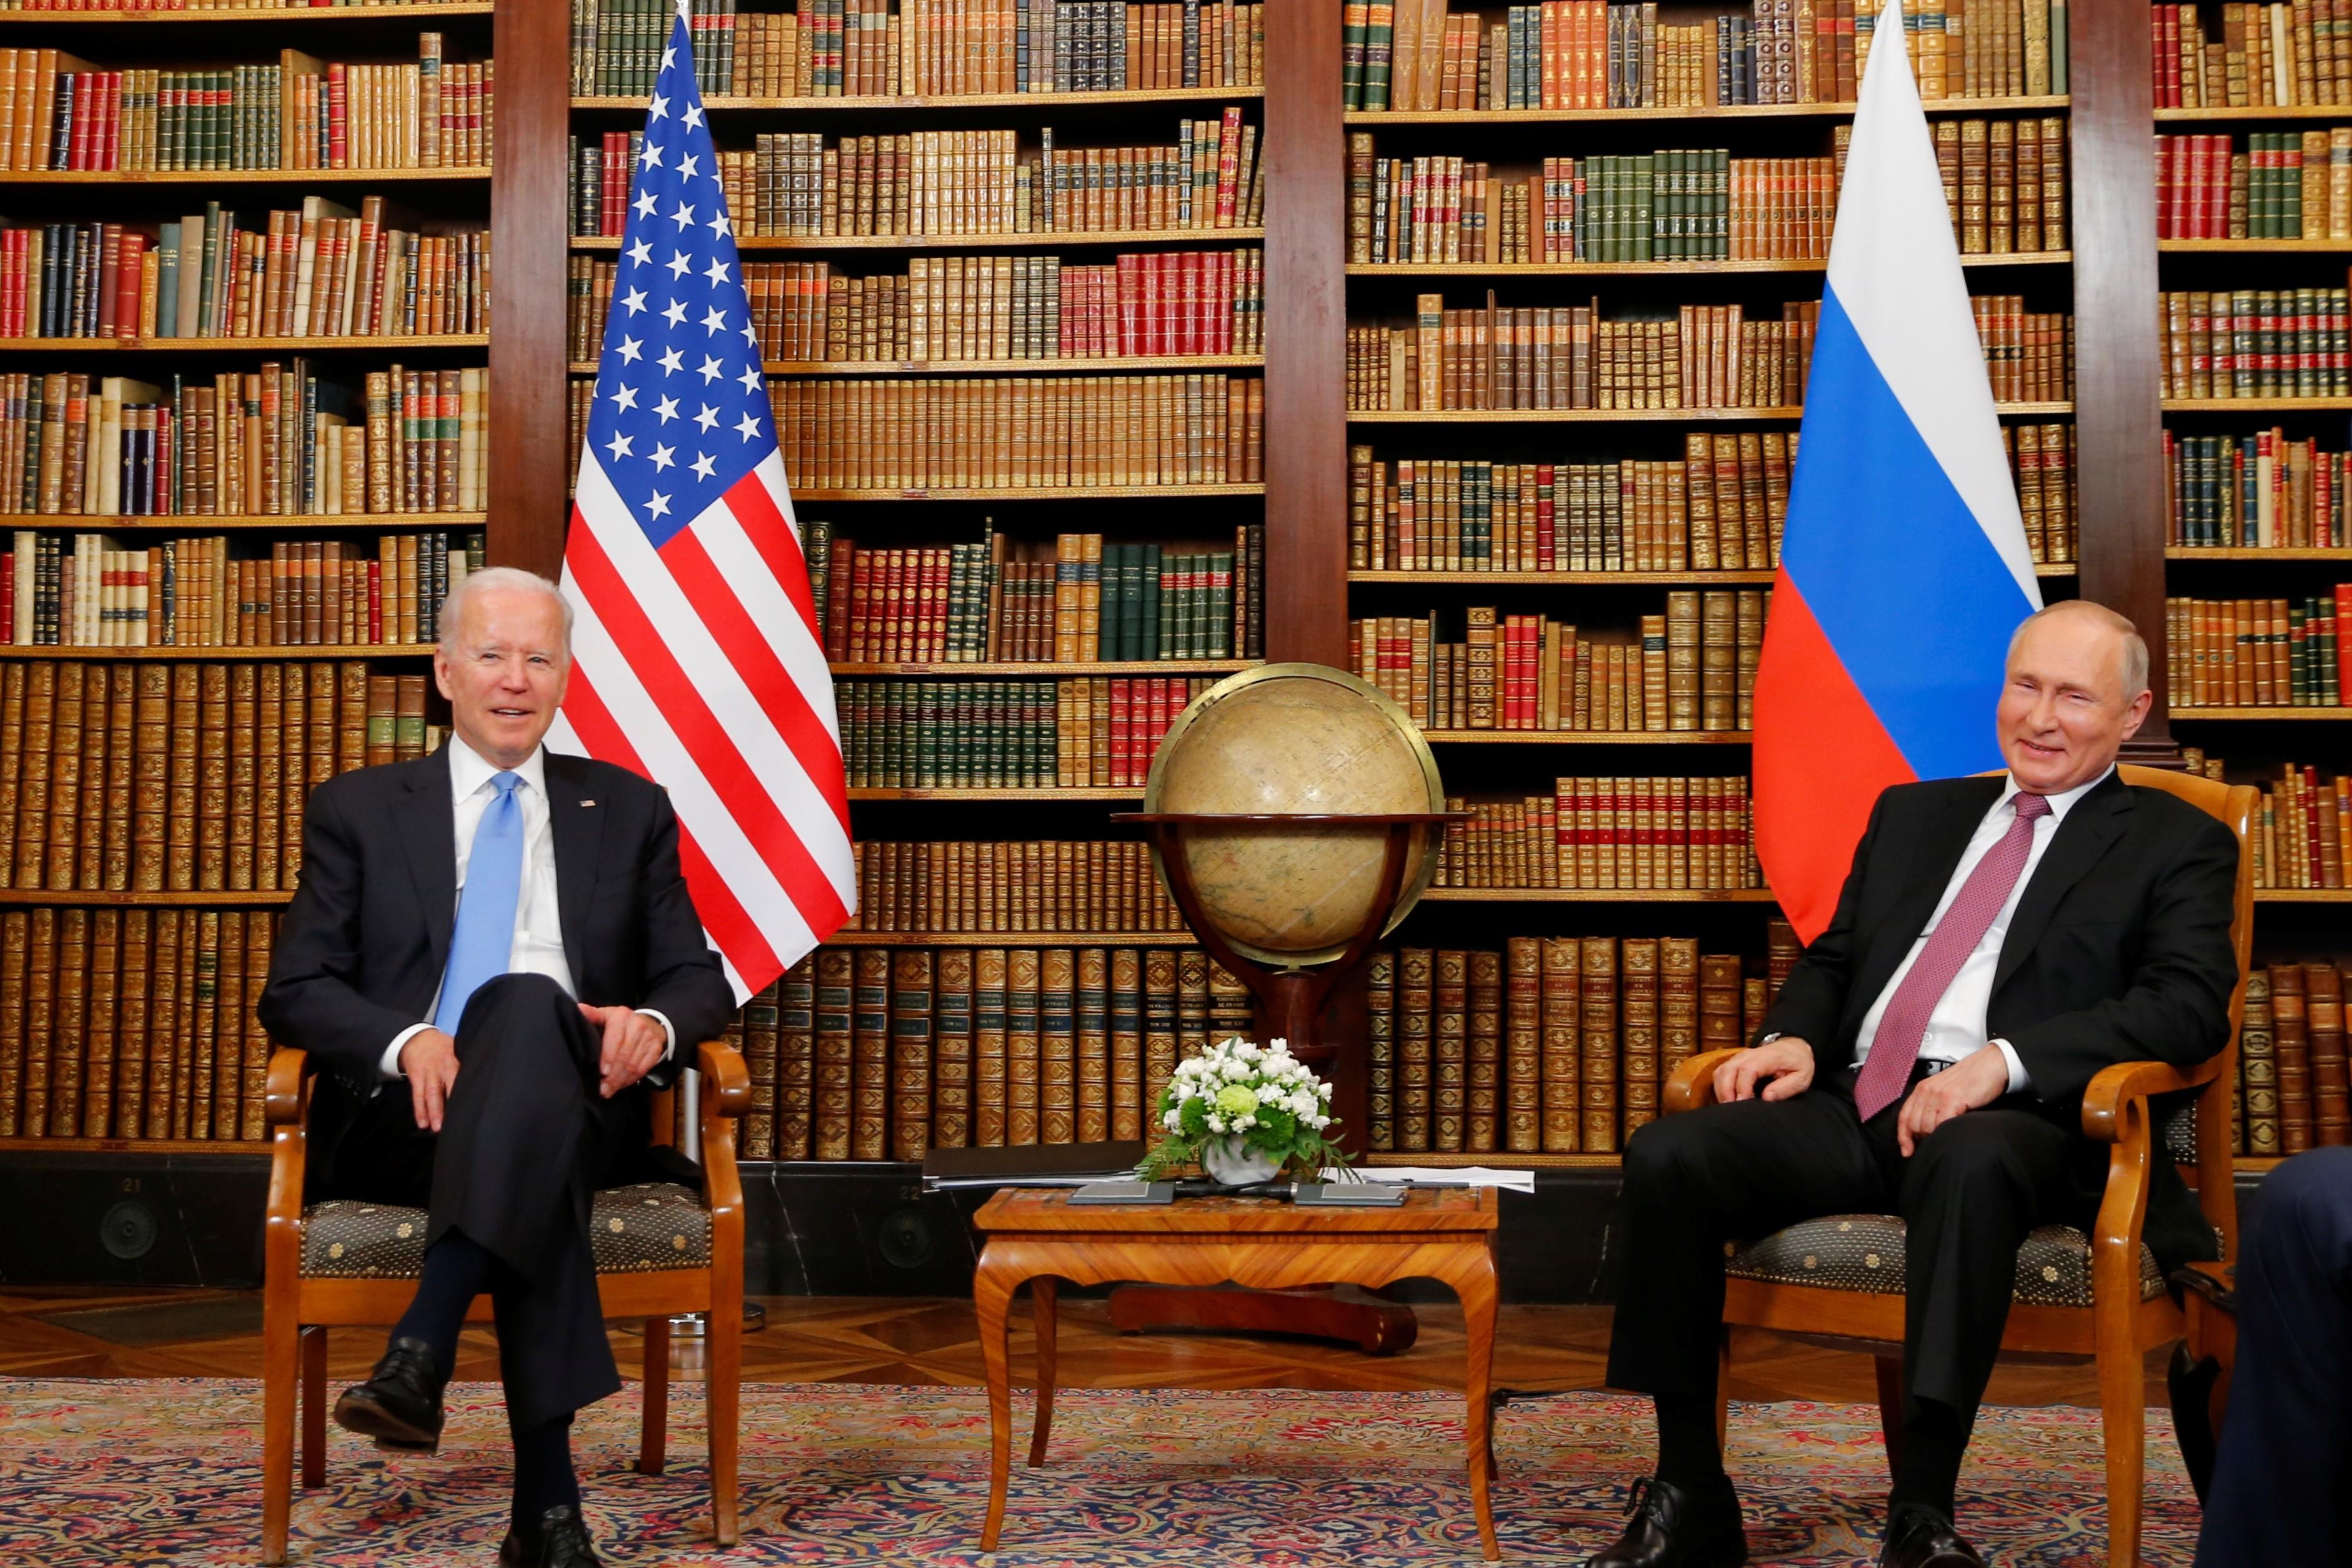 Biden e Putin discutiram sobre armas nucleares, ciberataques e futuro das relações entre EUA e Rússia